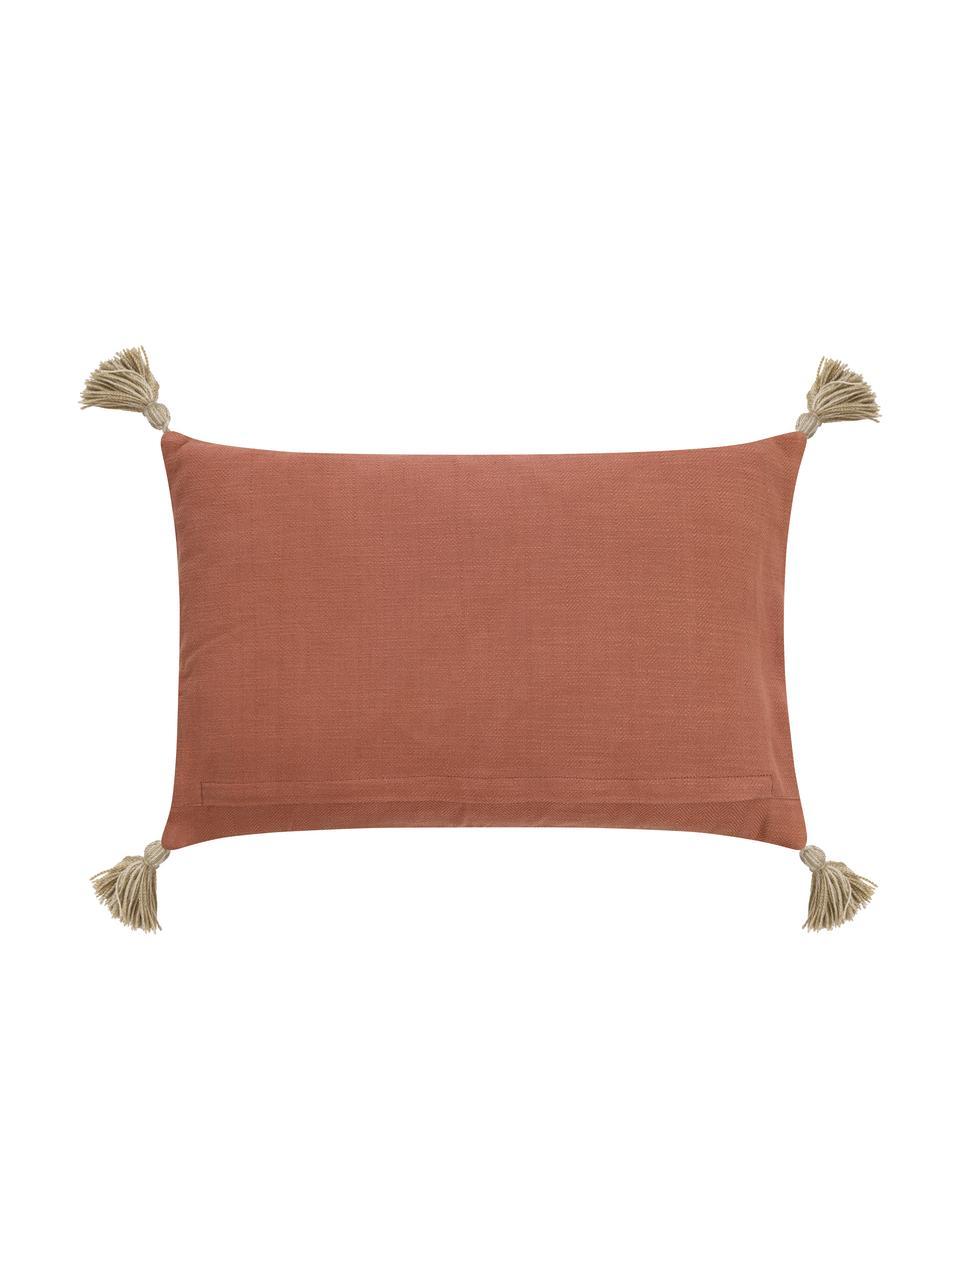 Ethno-Kissenhülle Nouria mit Quasten und Struktur-Oberfläche, Vorderseite: 100% Polyester, Rückseite: 100% Baumwolle, Terrakotta, Beigetöne, Schwarz, 40 x 60 cm